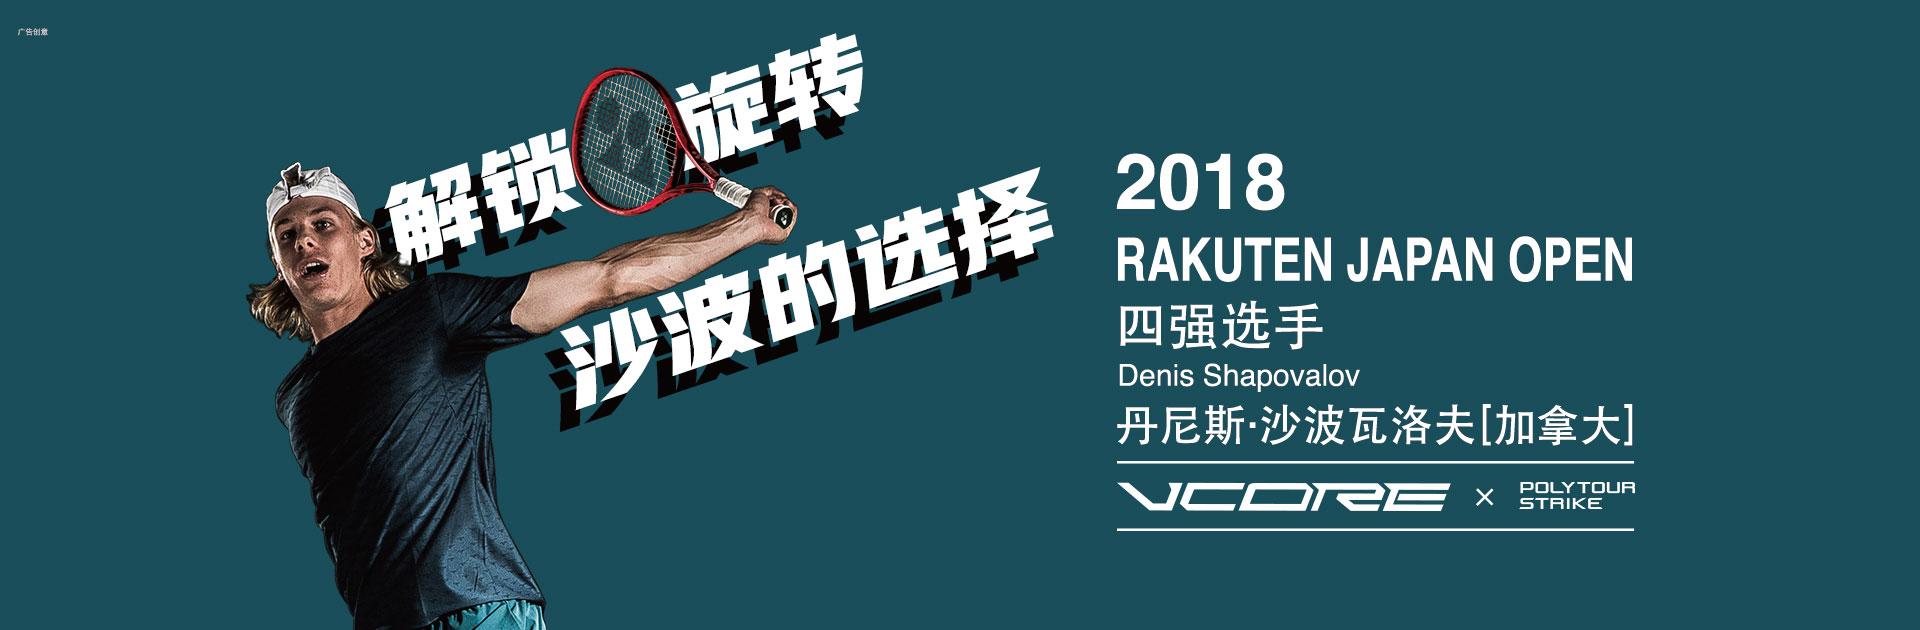 2018 Rakuten Japan Open | 沙波瓦洛夫闖入四強